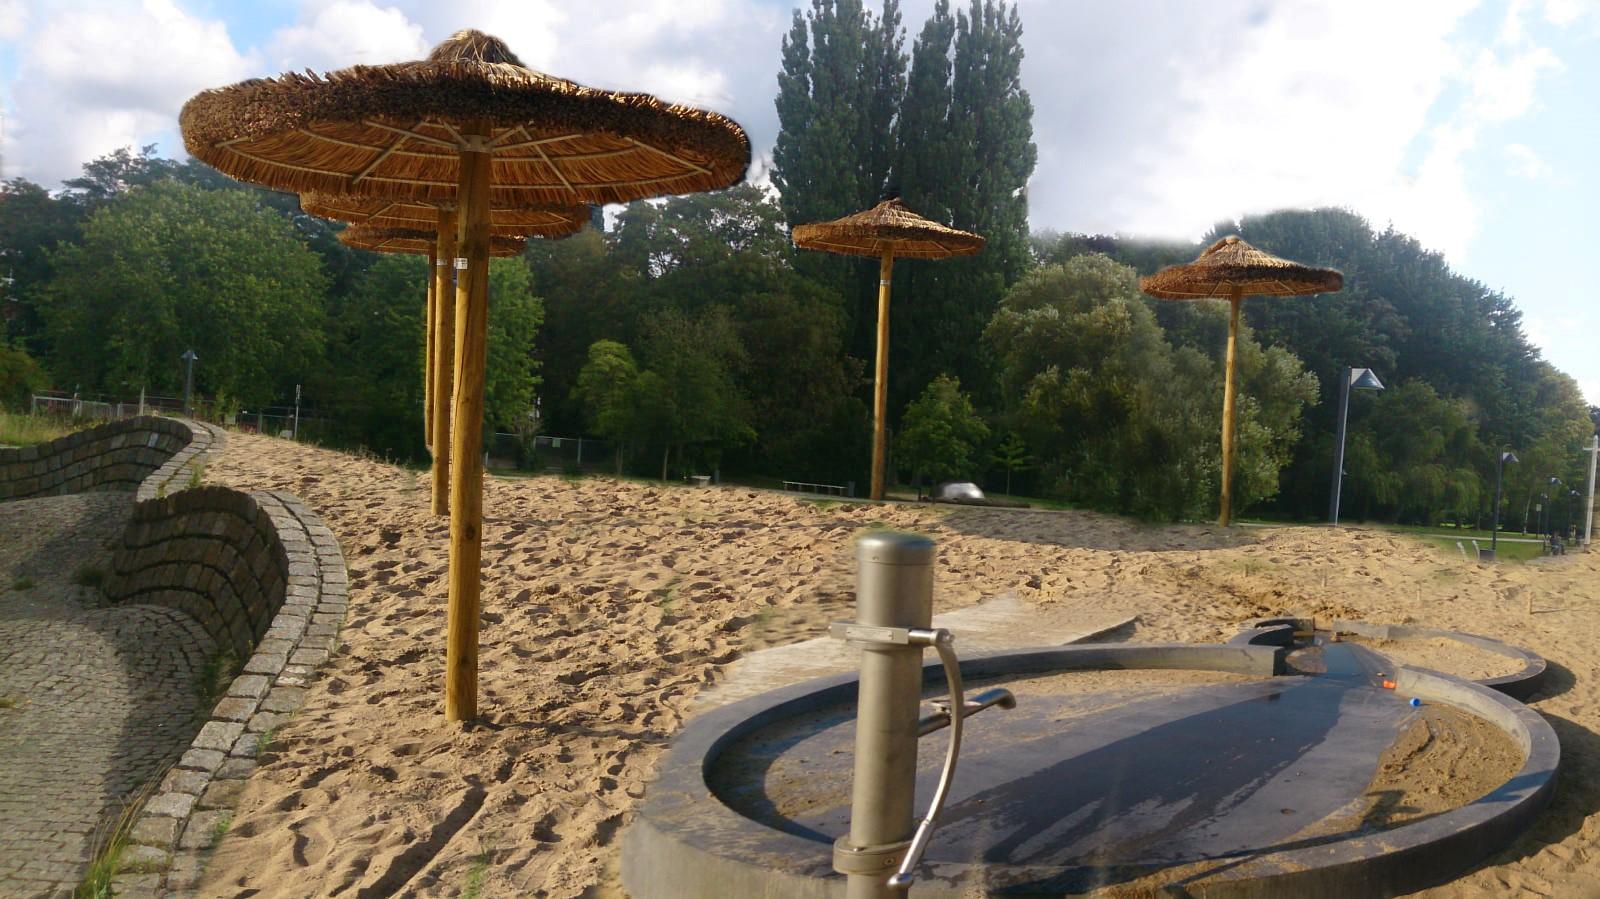 Sonnen am Strand von Vegesack - vegesack.de